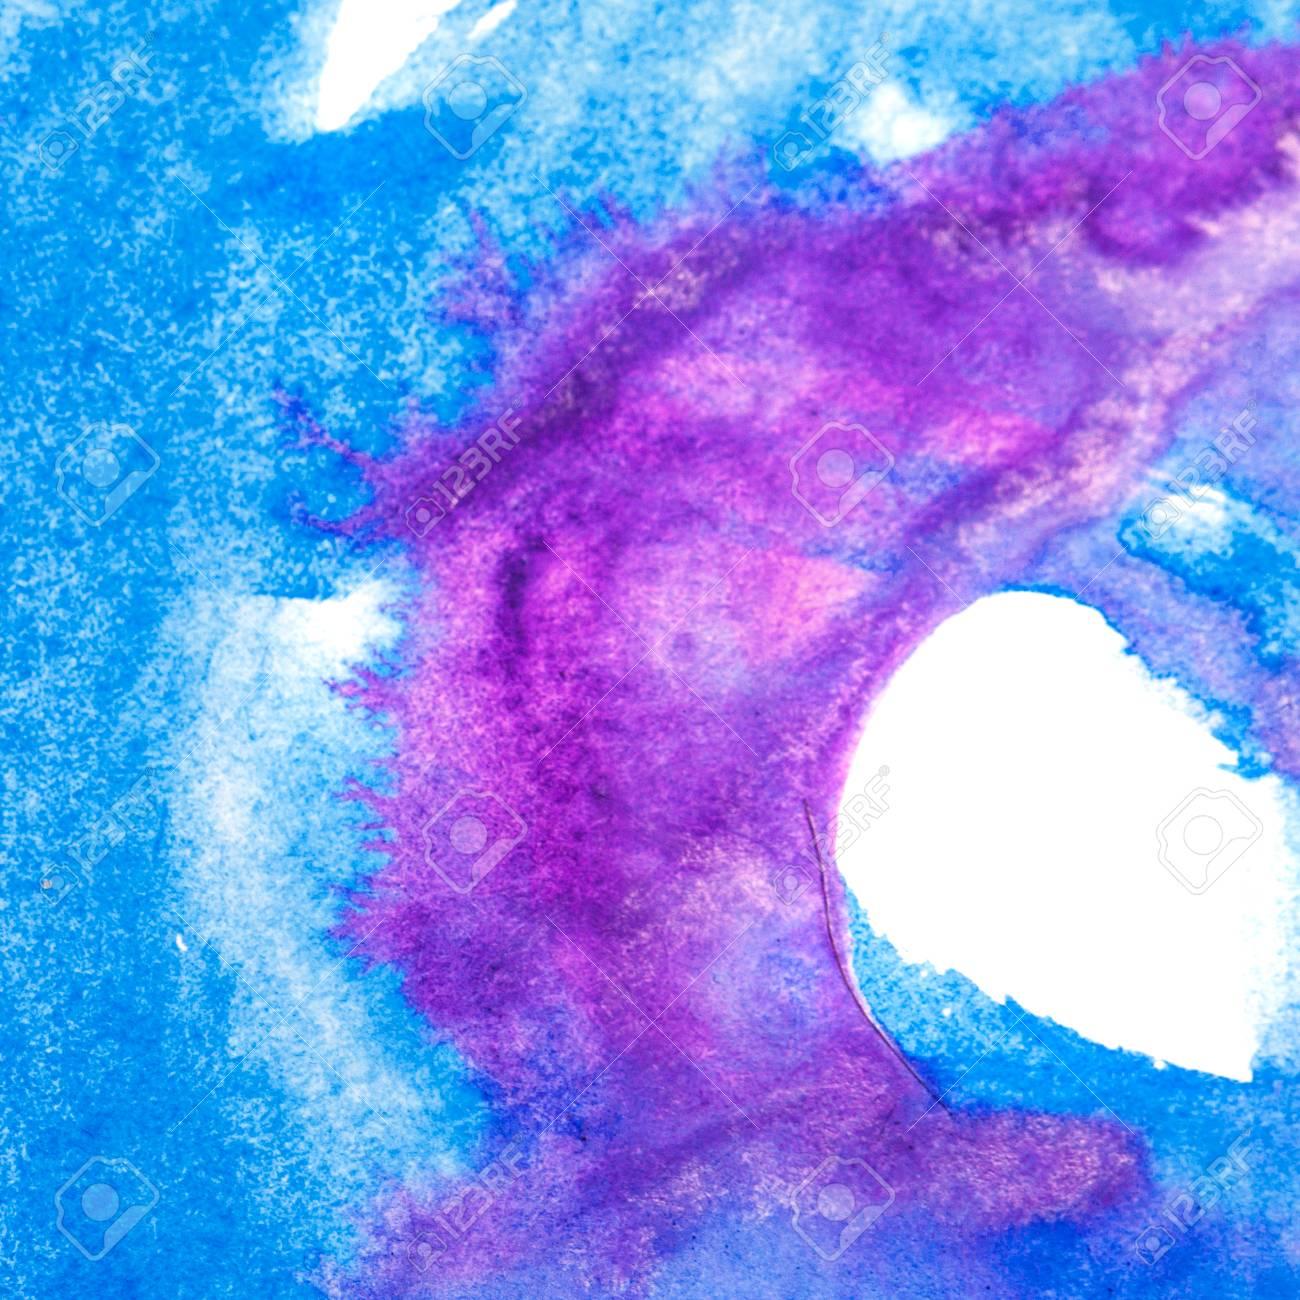 Abstrakte Kunst Ölfarbe. Malen Sie Pinselstriche Auf Leinwand ...